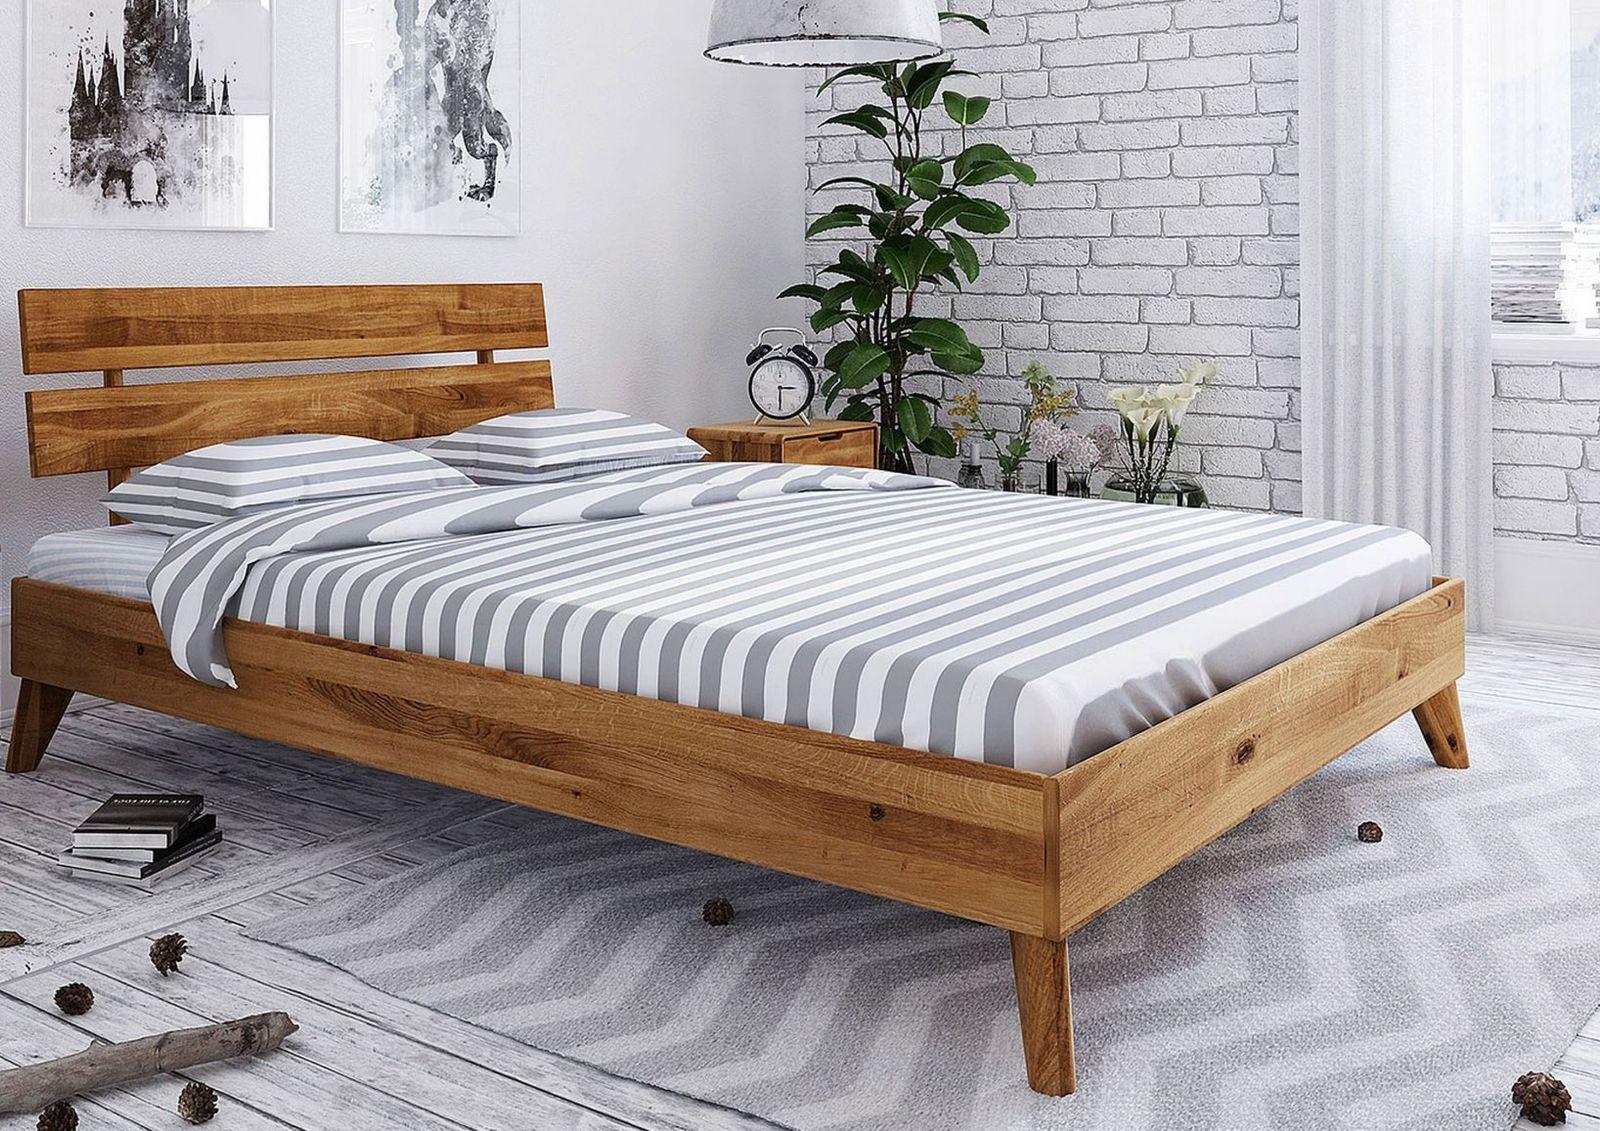 Full Size of Bett Holz Modern Aus Wildeiche Gelt Natur Hasena Bad Waschtisch Wand Ruf Betten Preise Schwarzes 180x200 Schwarz Metall Mit Schubladen Weiß 200x180 Köln Bett Bett Holz